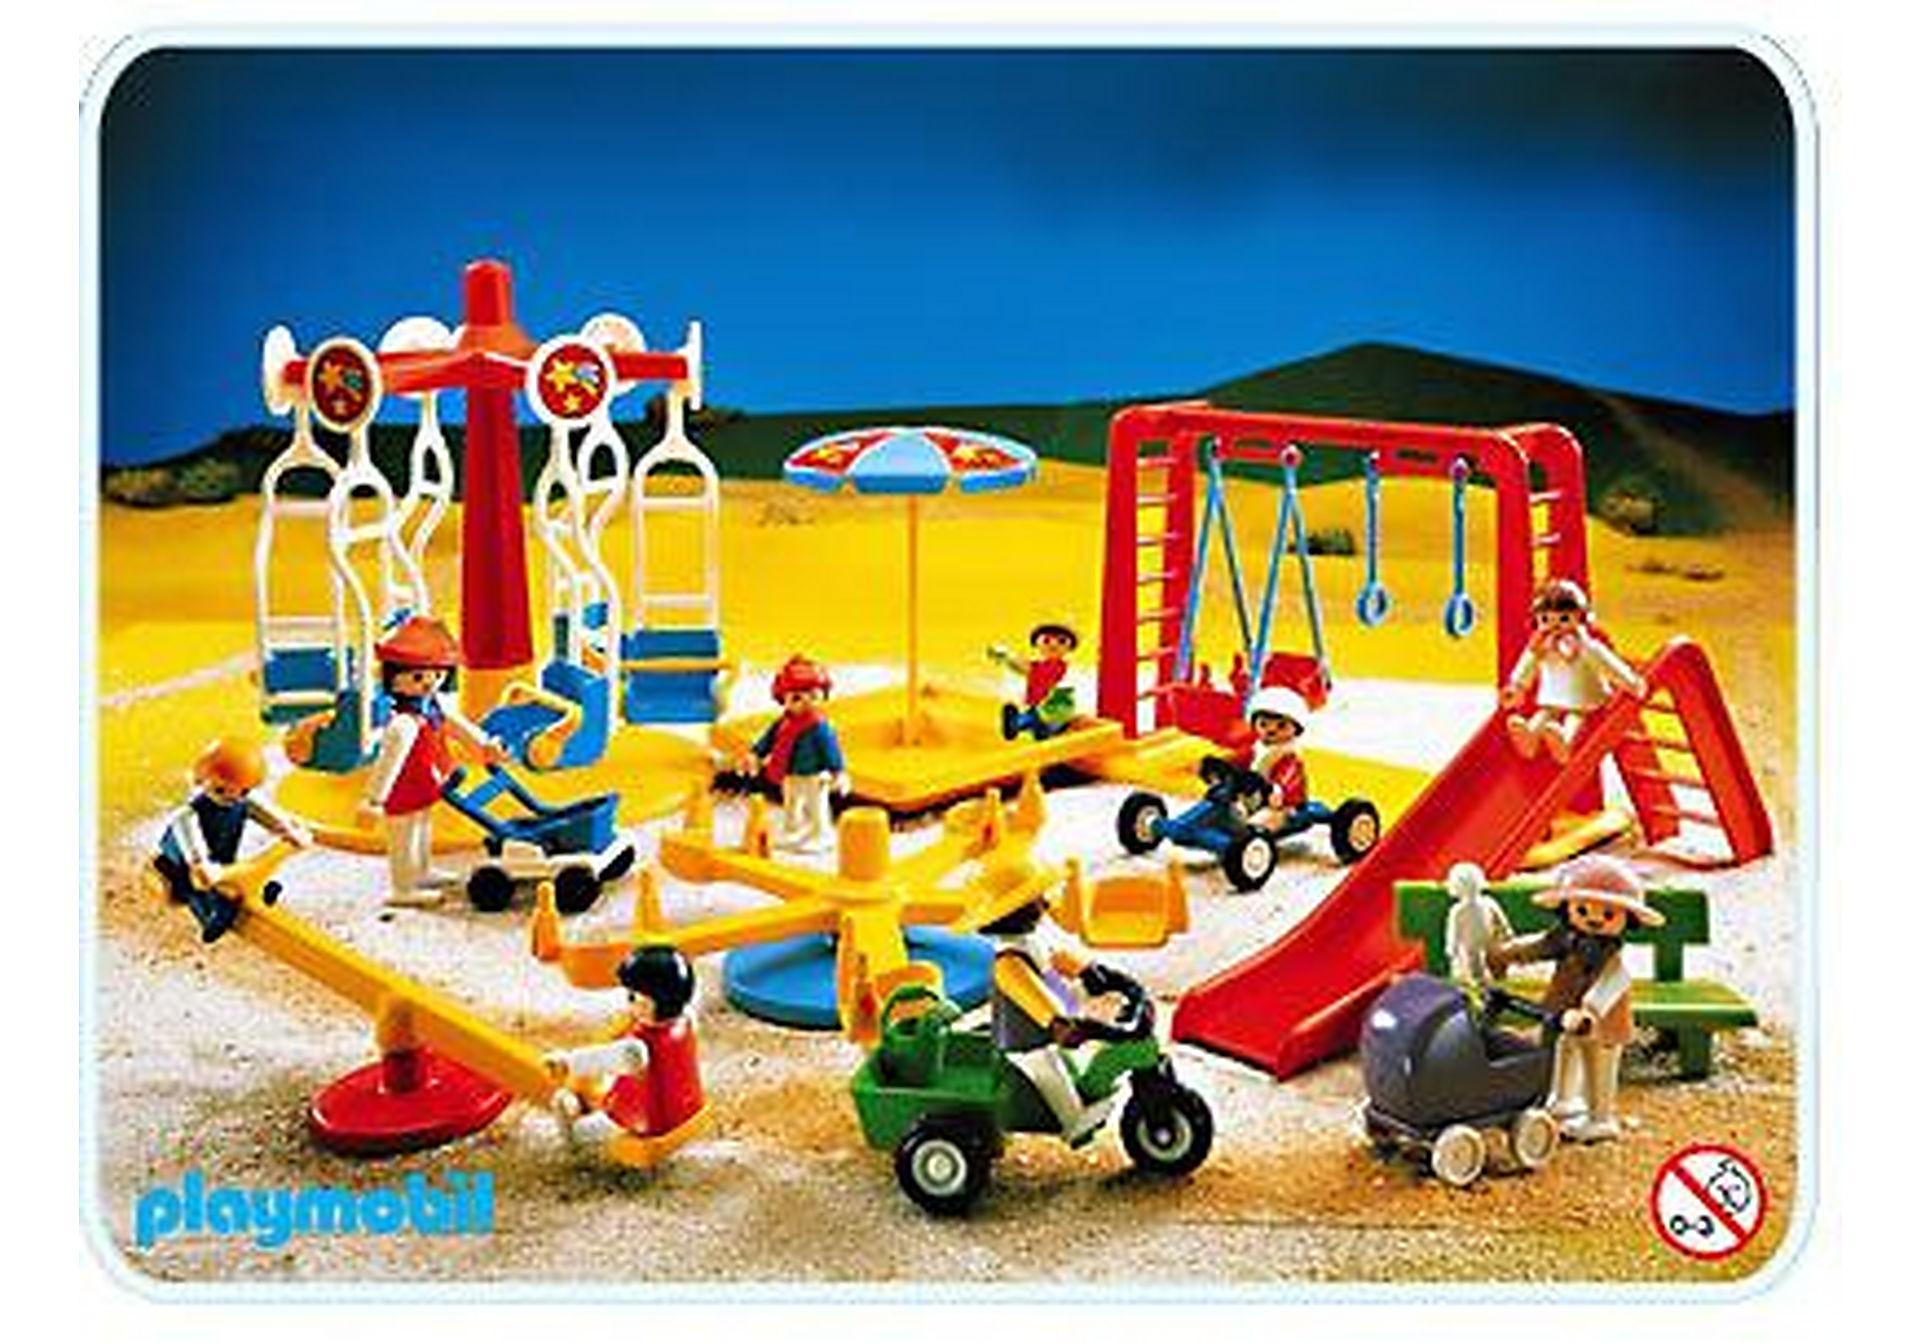 http://media.playmobil.com/i/playmobil/3223-A_product_detail/Spielplatz Geschenkset